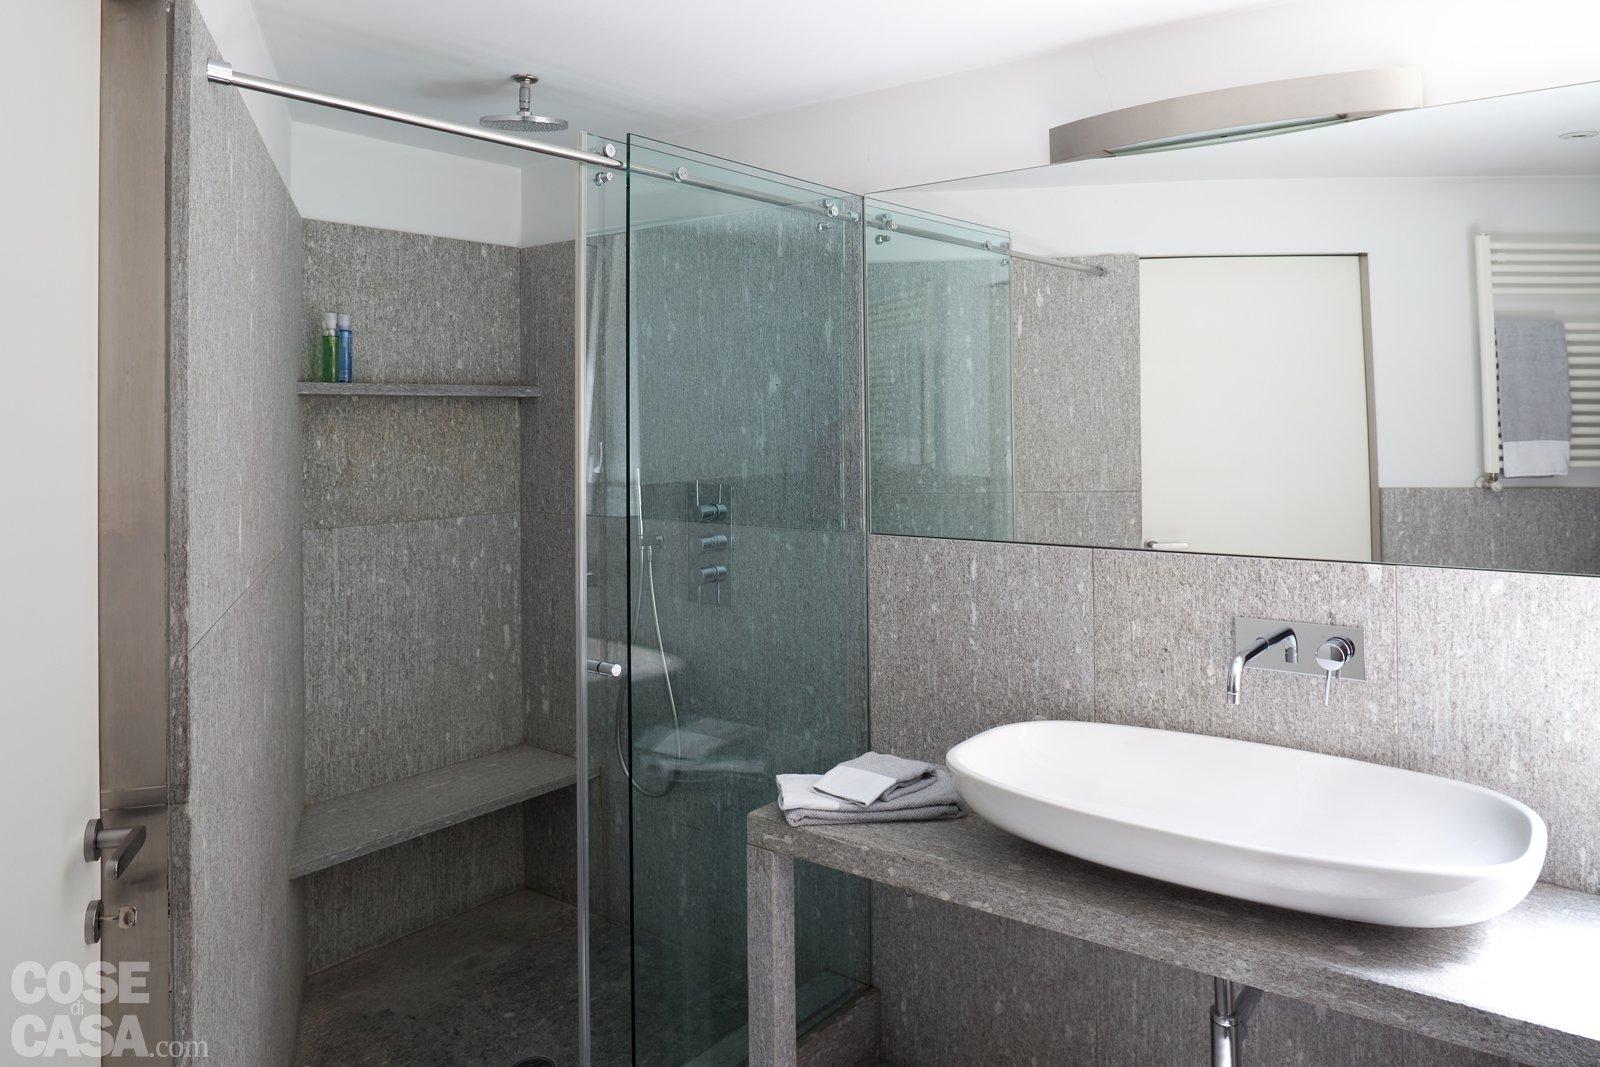 vasca da bagno piccola con seduta vasca da bagno piccola con seduta